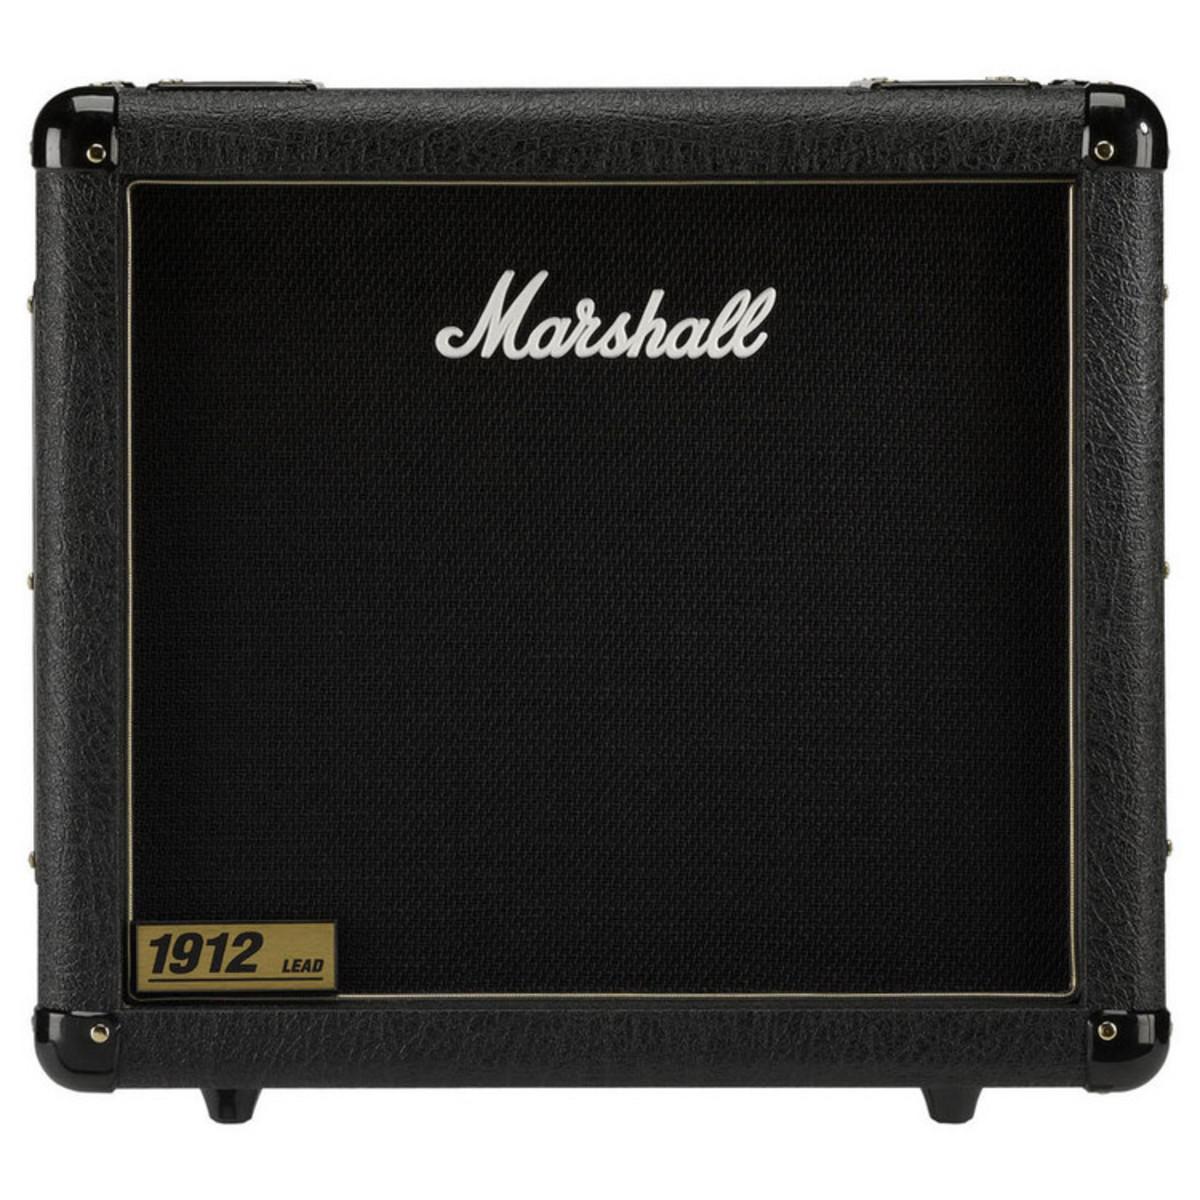 marshall 1912 1x12 guitar speaker cab at. Black Bedroom Furniture Sets. Home Design Ideas